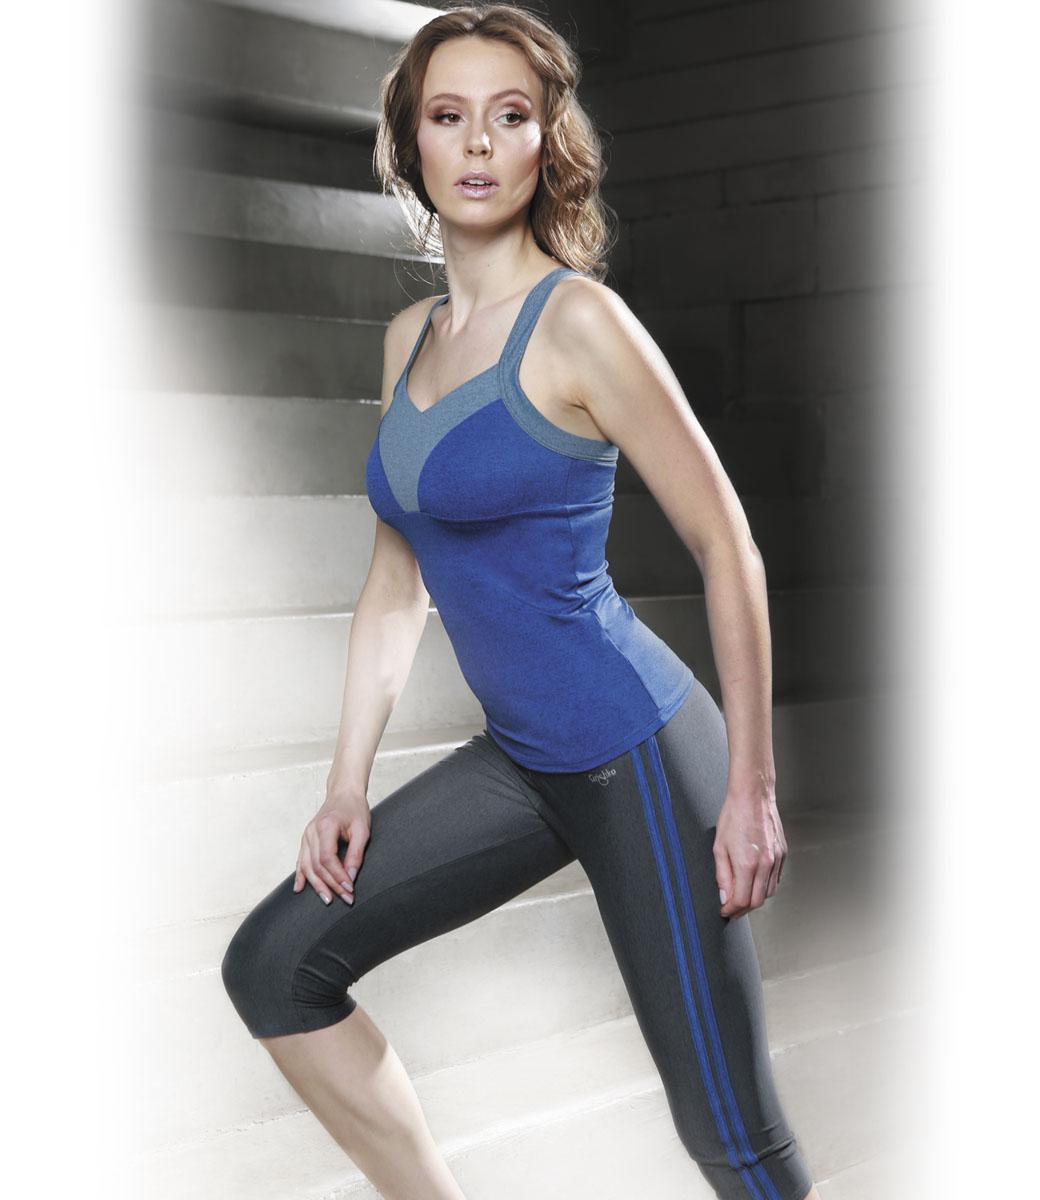 МайкаAL-2902Спортивная майка с поддержкой груди из линии Grishko Fitness, проникнутой философией единого космоса. На спине логотип бренда вписан в мегаактуальный принт с проекцией звездного неба, украшенный сияющим глиттером. Модель выполнена из шелковистого, приятного на ощупь меланжированного полиамида с лайкрой в оптимальном для спортивных нагрузок сочетании. Топ не сковывает движений и подчеркивает спортивное телосложение за счет визуально корректирующих фигуру линий. Материал отлично пропускает воздух, впитывает влагу и сохраняет форму. Линия эргономичной одежды создана для всех видов активных физических нагрузок и выполнена в ультрамодных цветовых сочетаниях. Майка отлично сочетается со всеми моделями из линии Grishko Fitness.